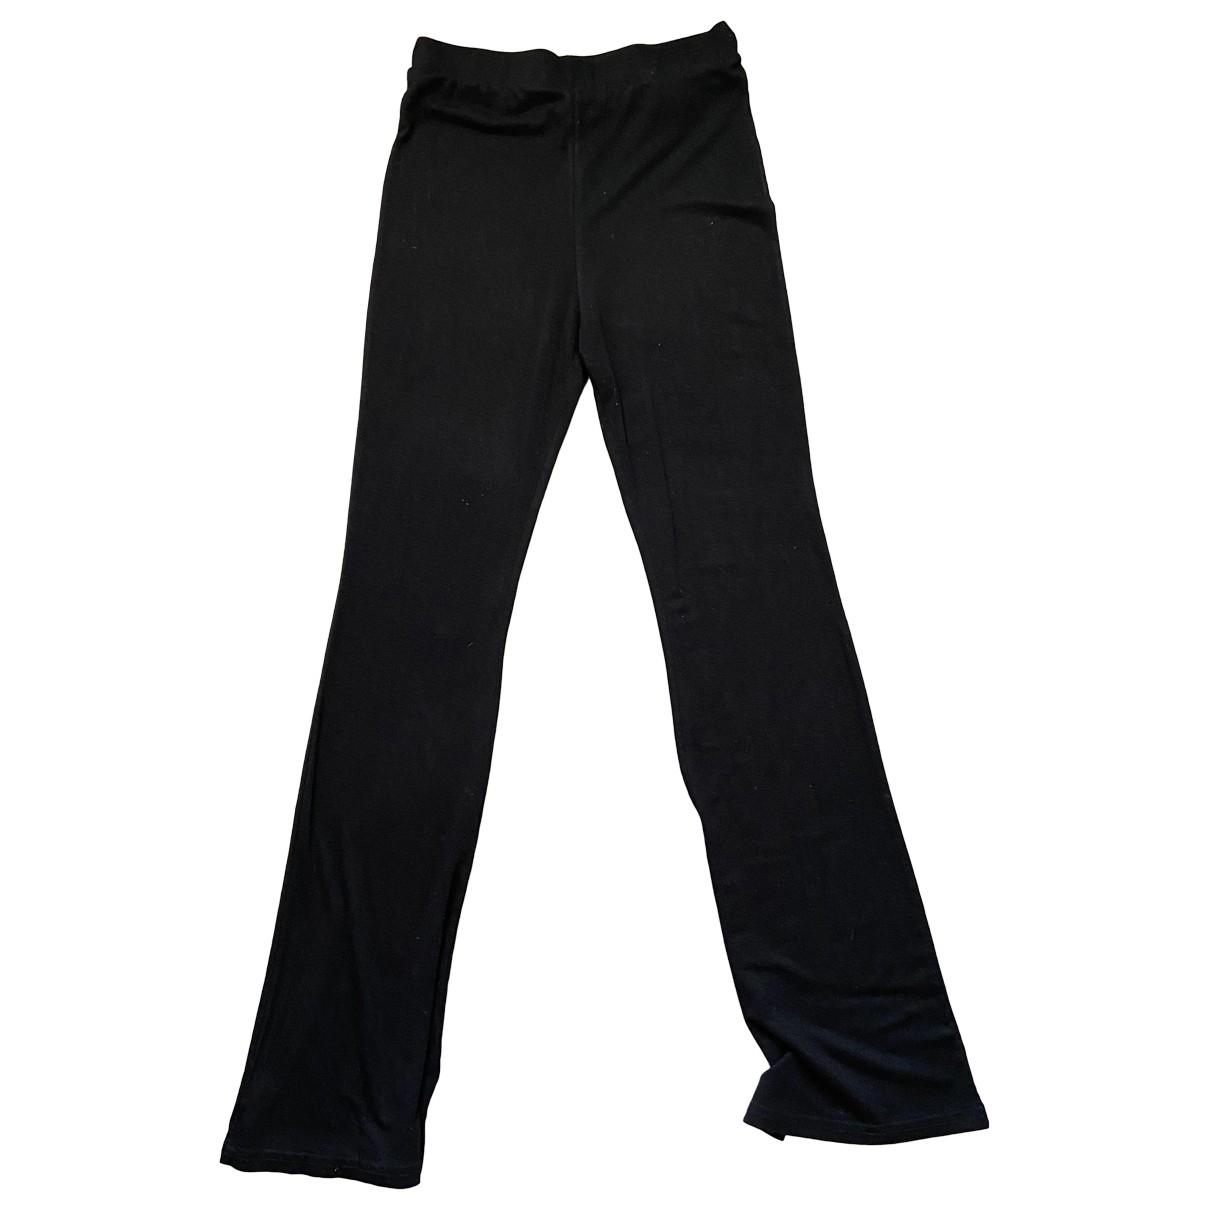 Pantalon en Viscosa Negro Monki